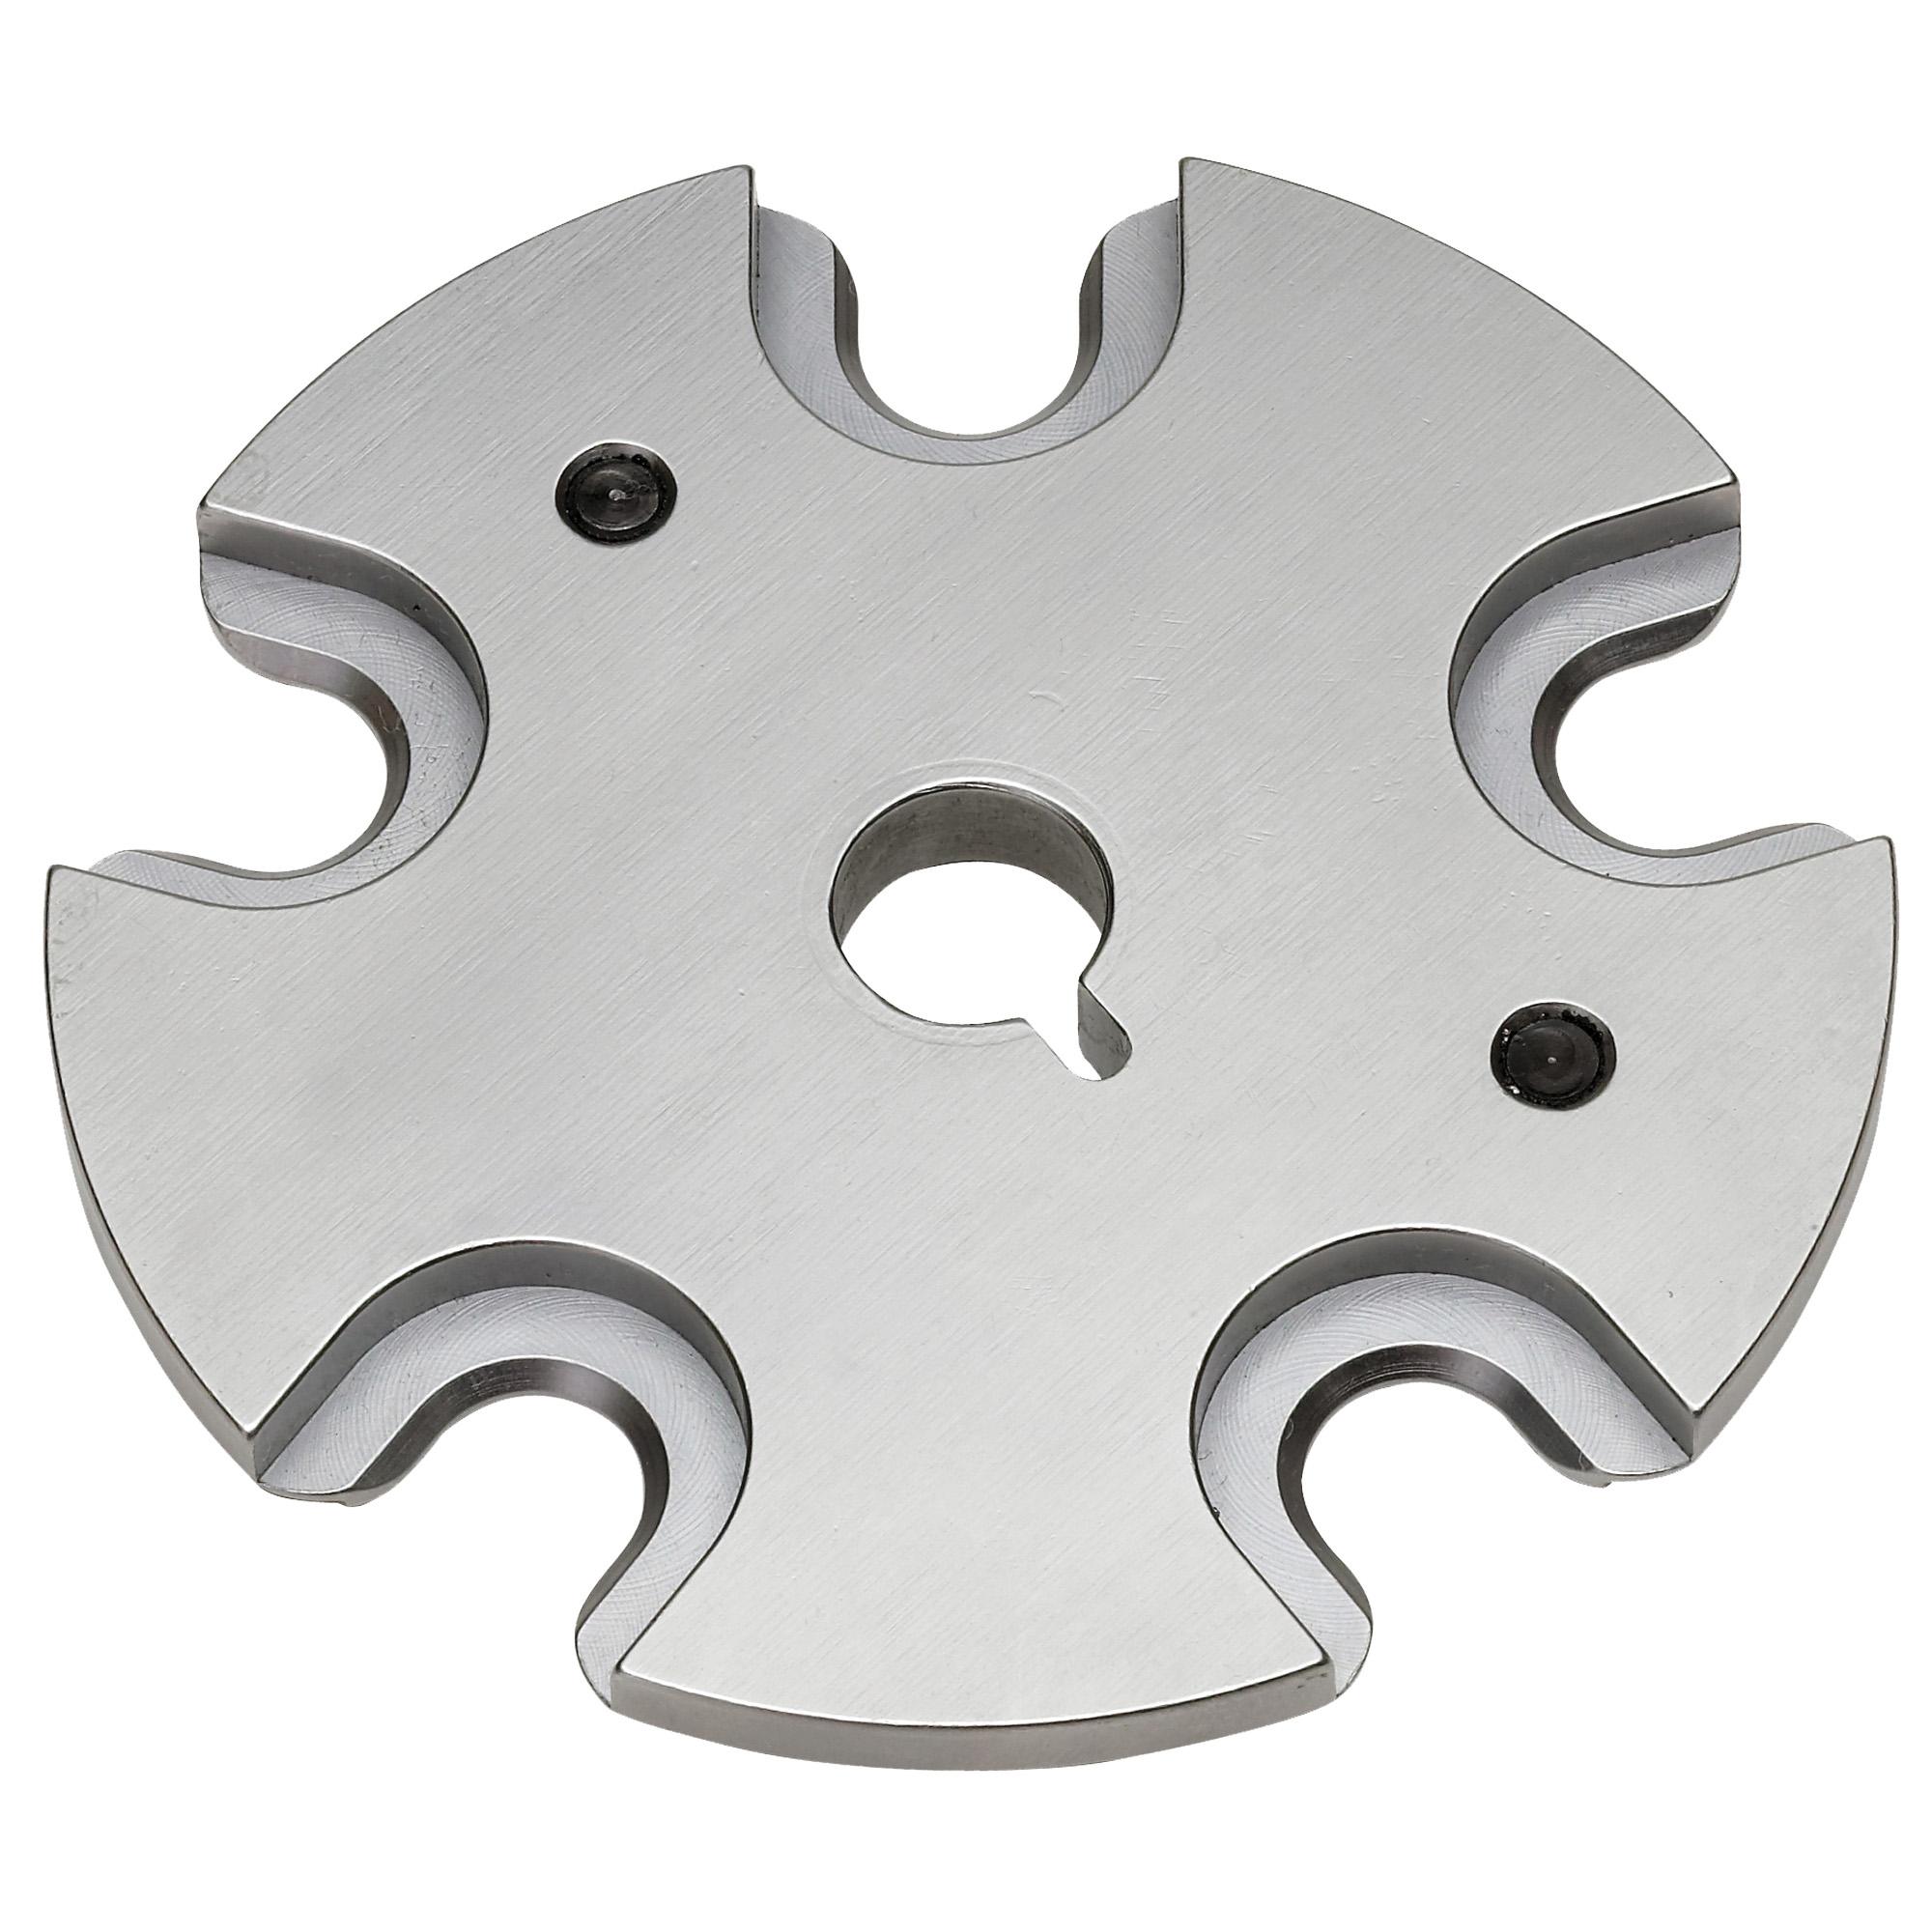 Hrndy Shell Plate #45 Lnl Ap & Proj